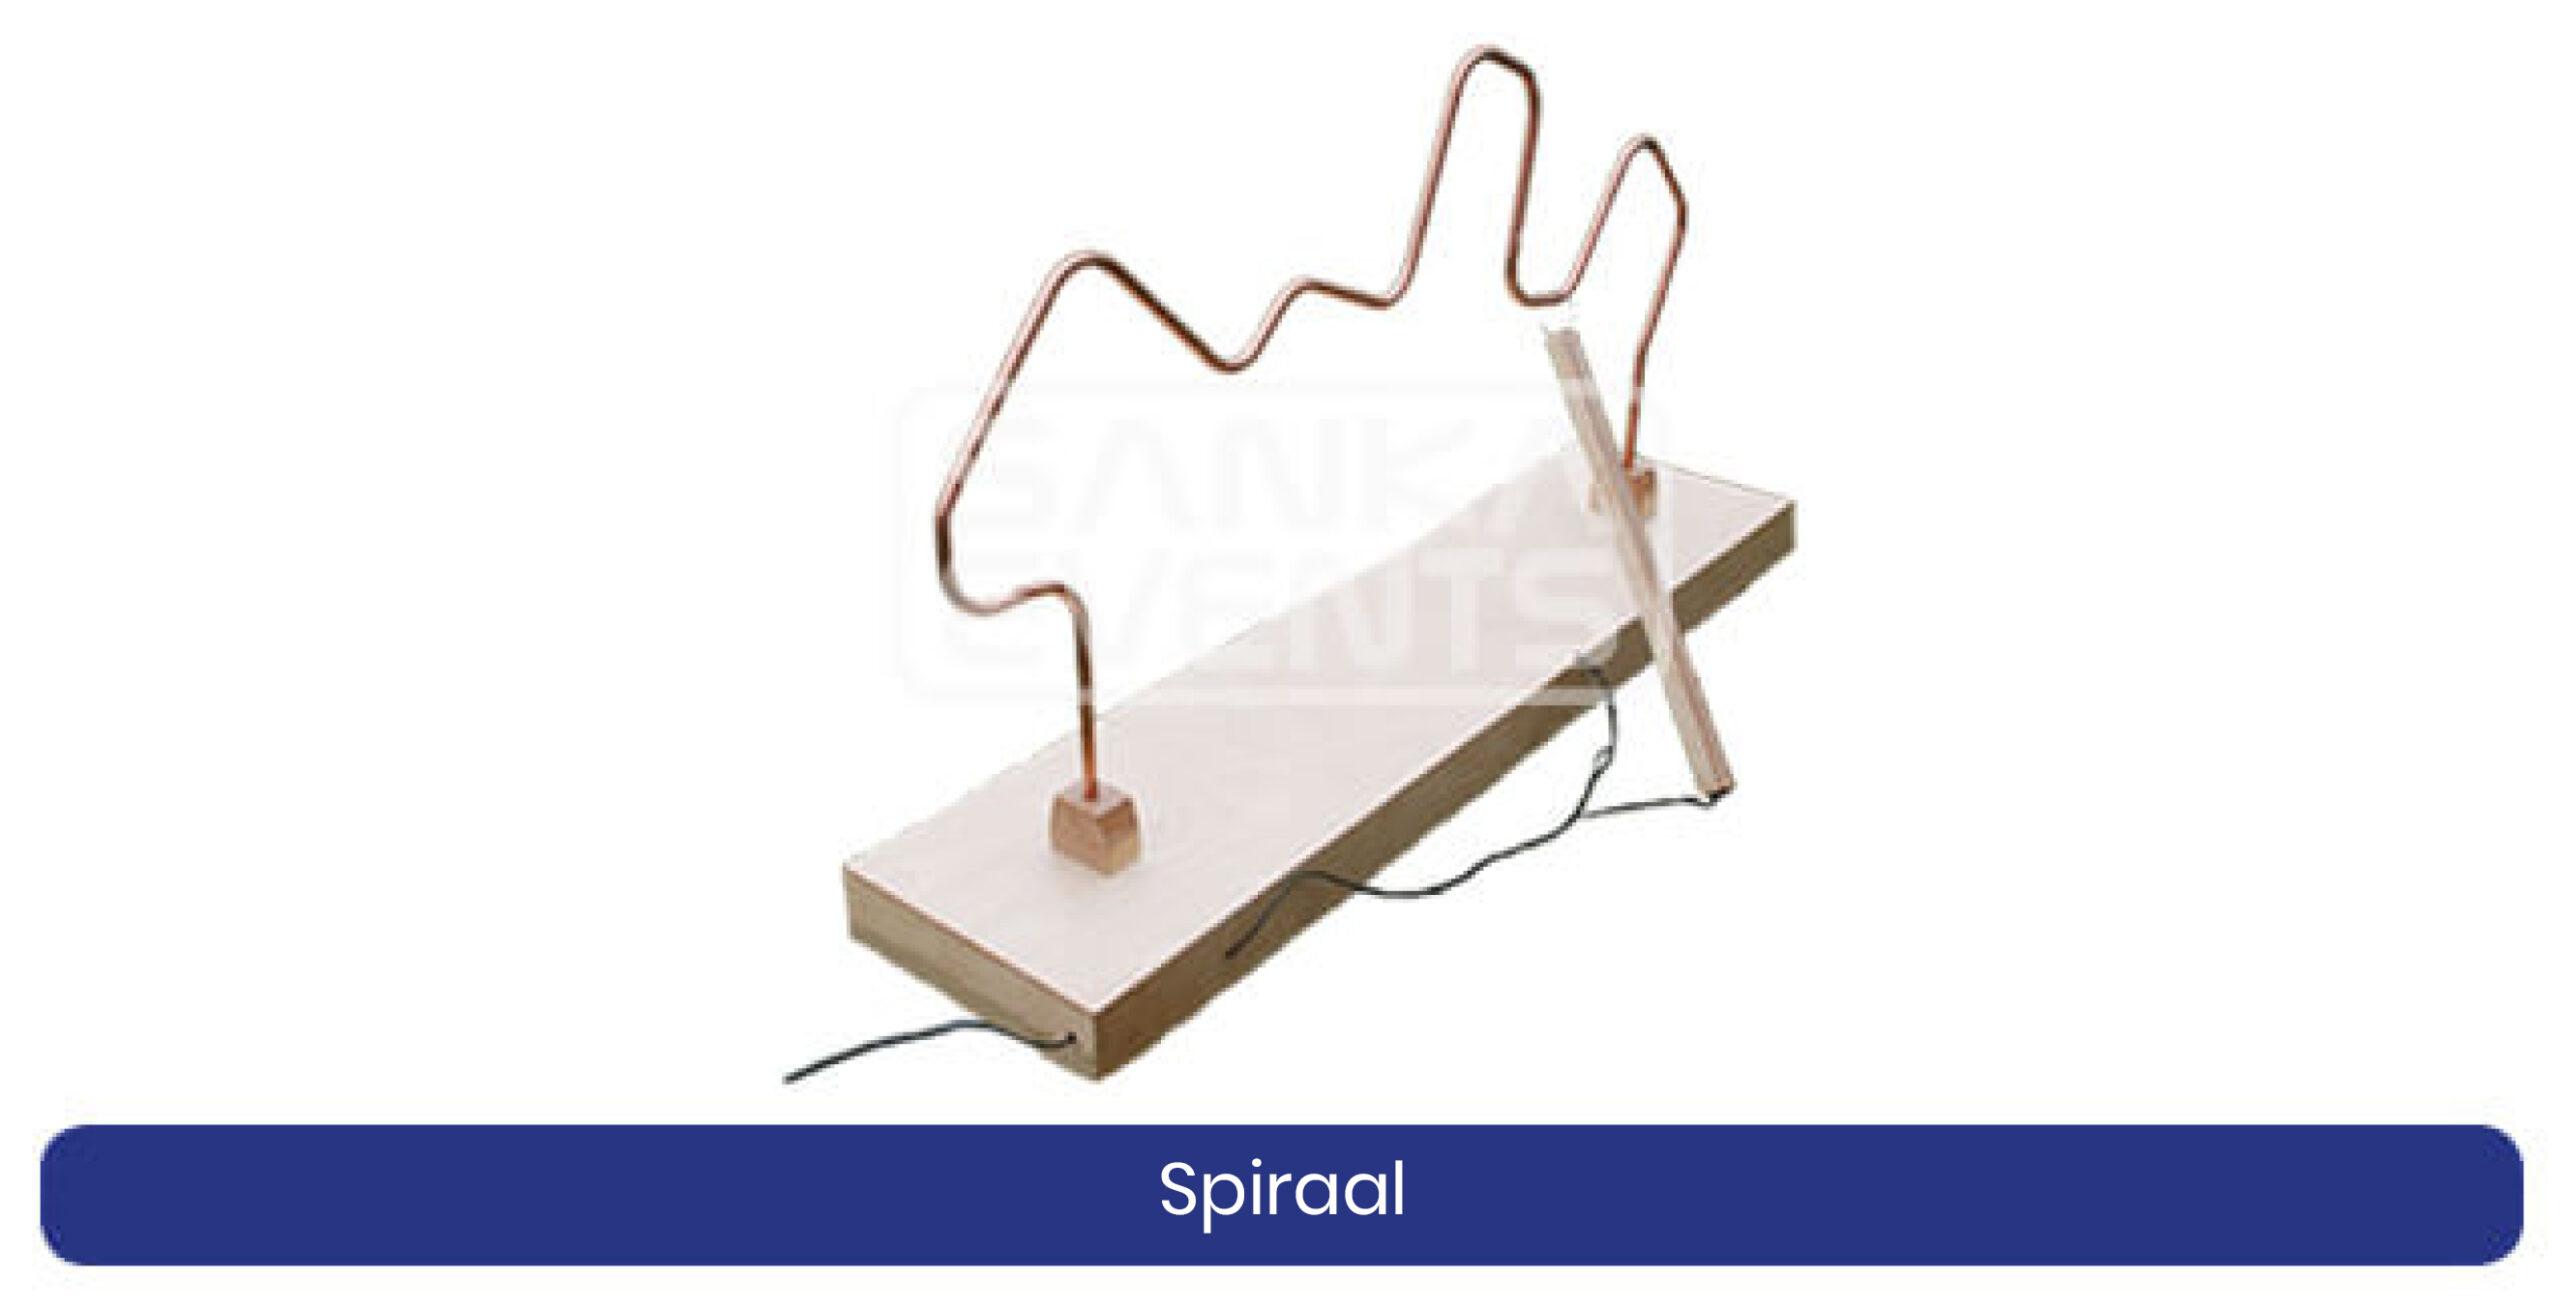 Coronaproof Spellenpakket Spiraal